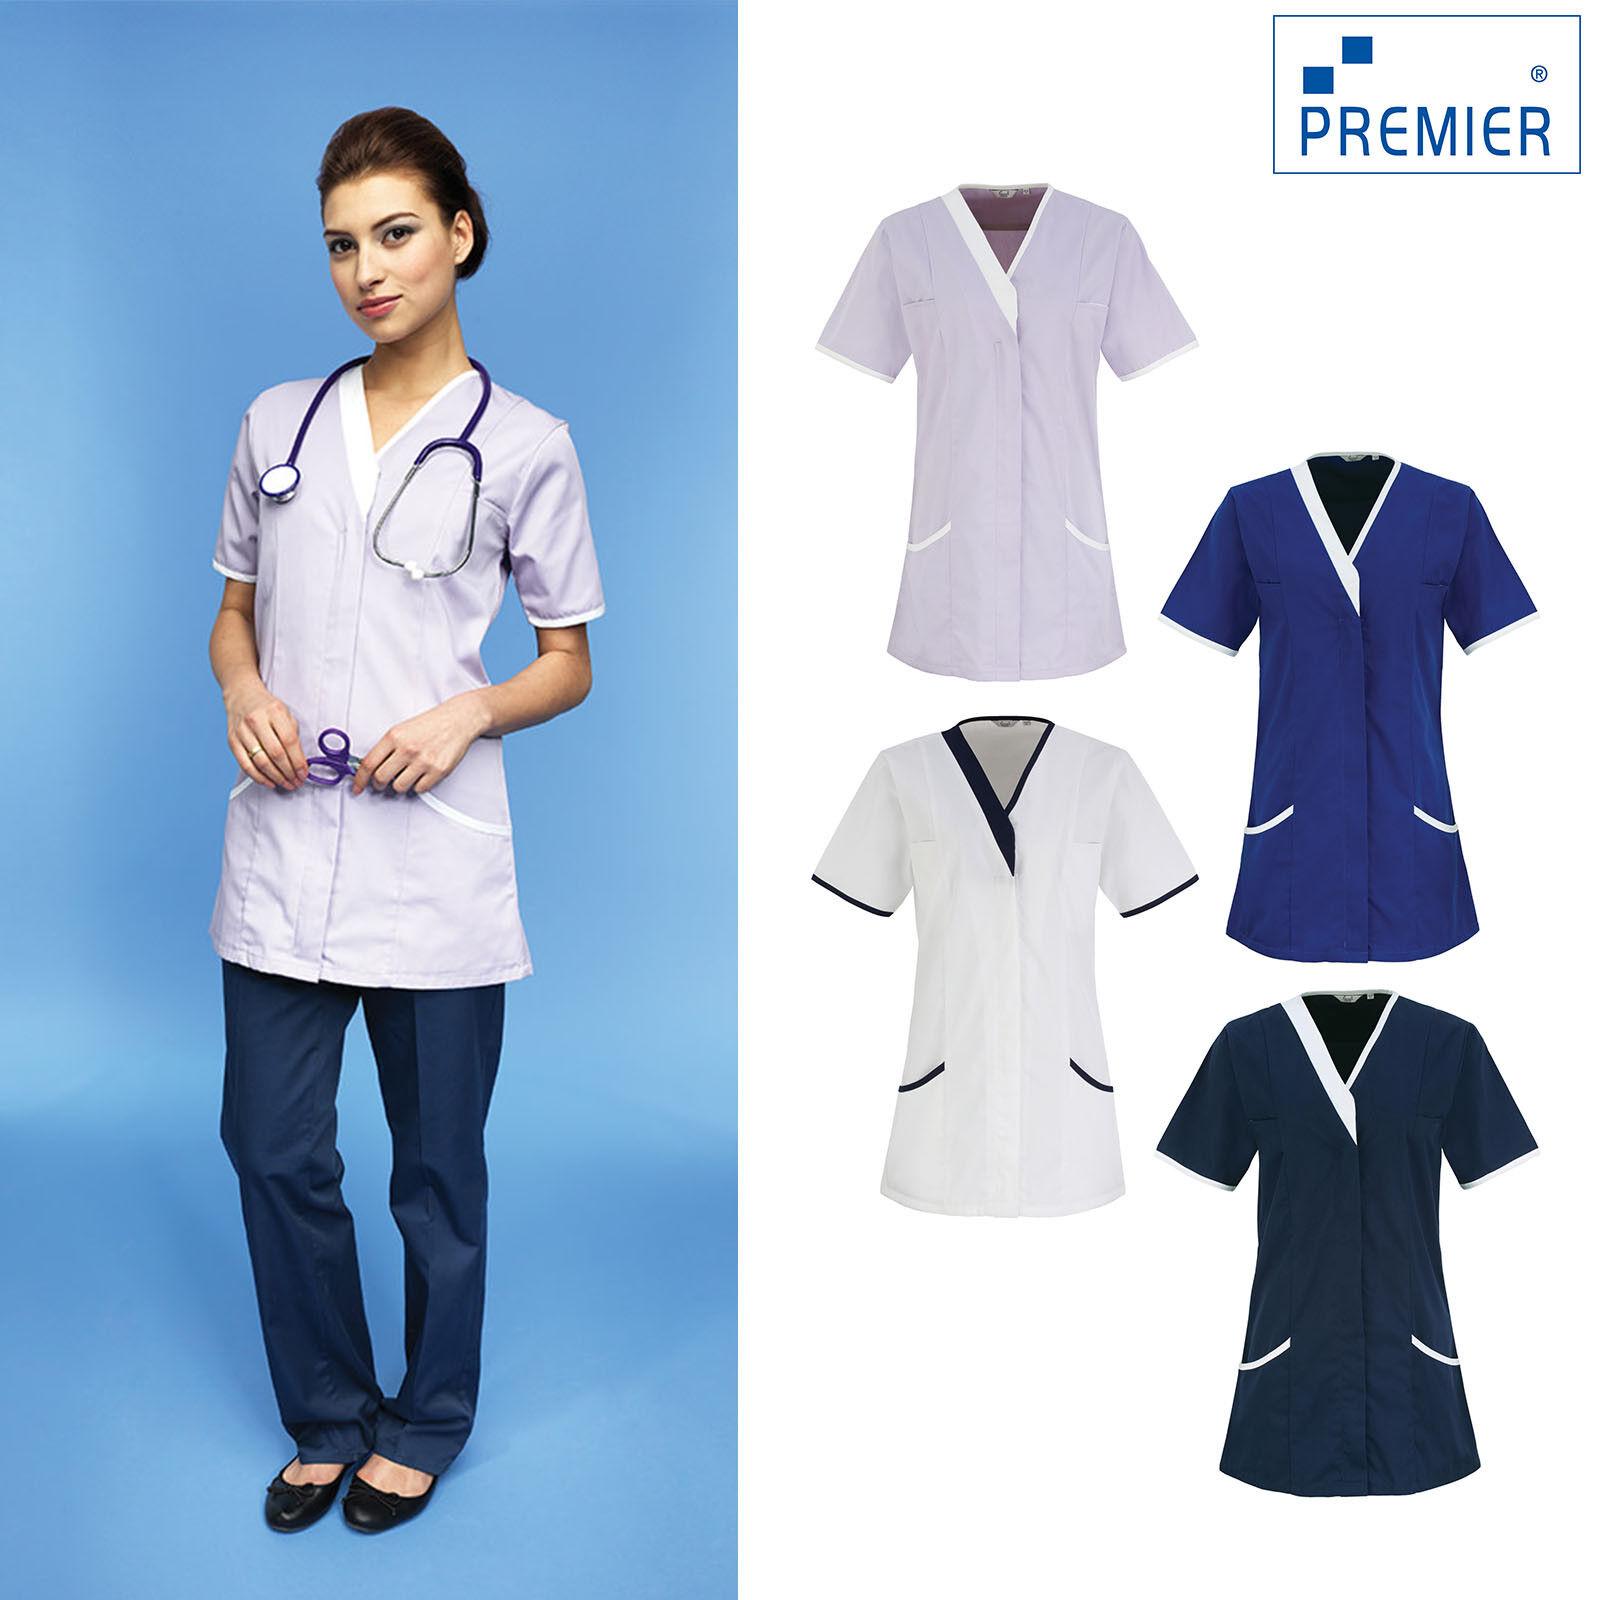 Premier Daisy Healthcare Tunic PR605